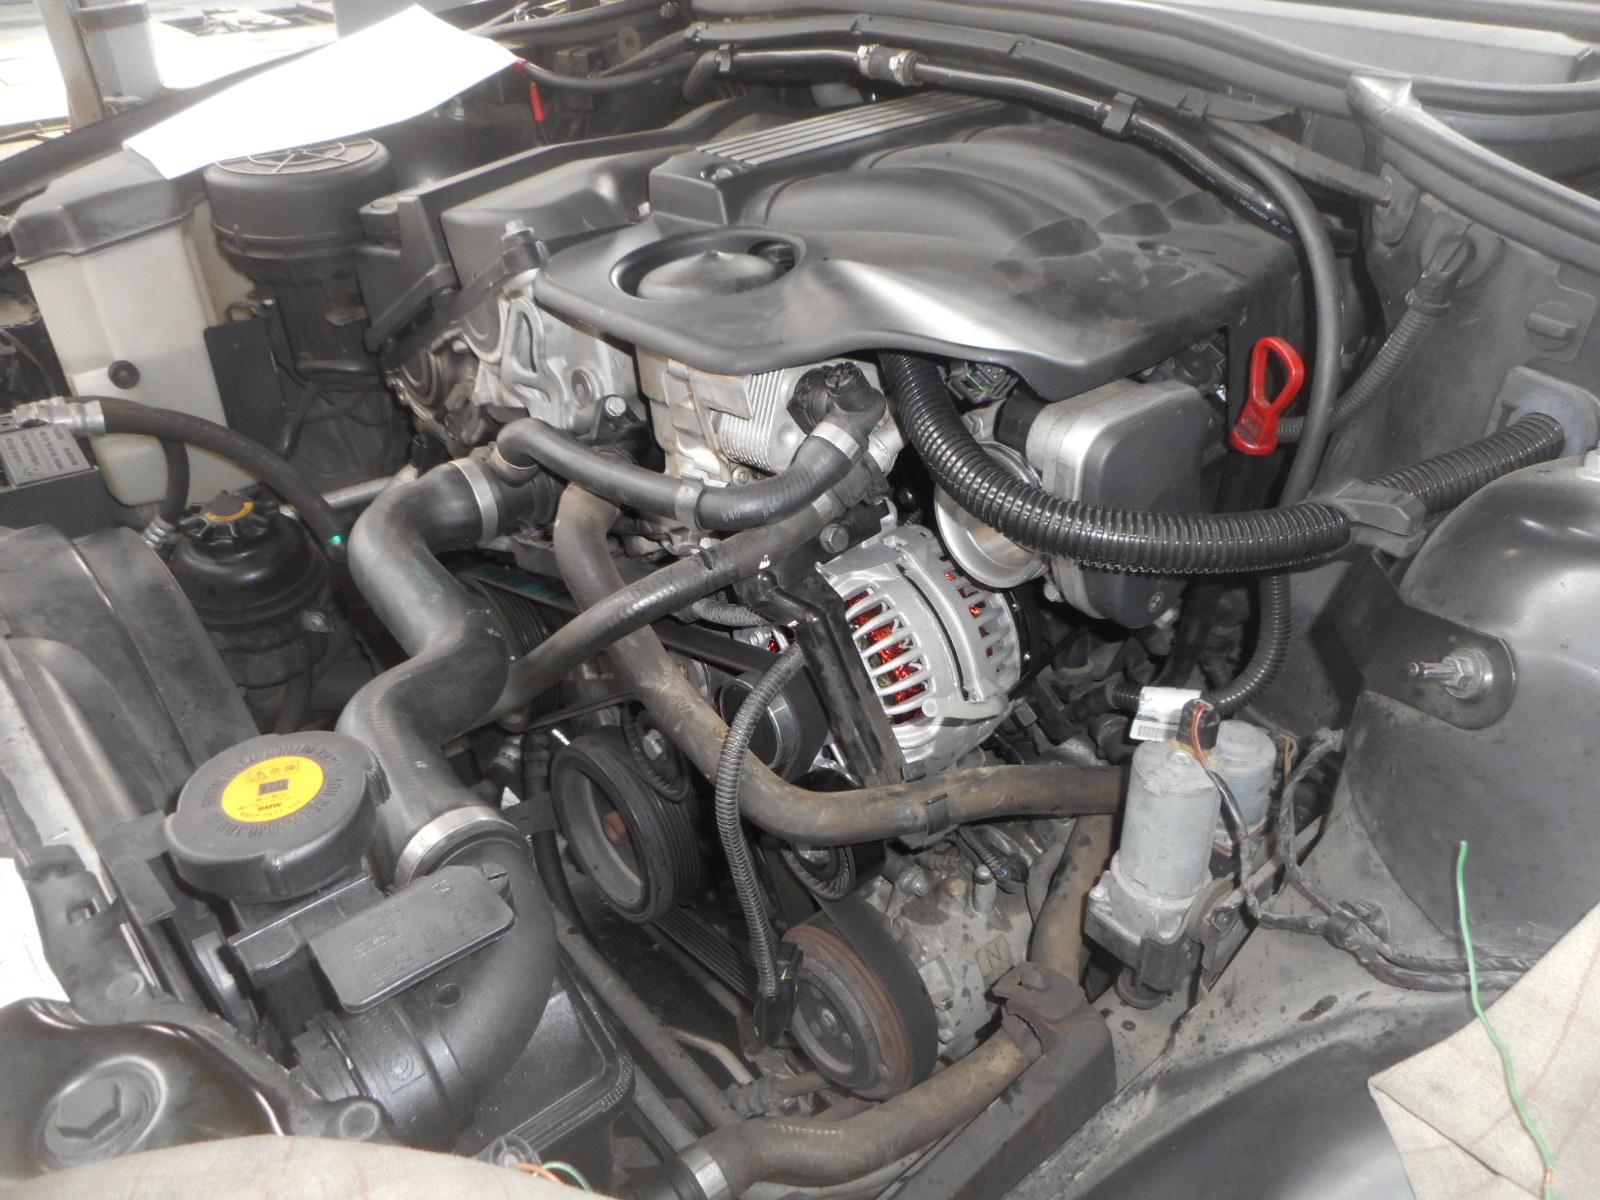 BMW 320i(E46) 充電警告灯点灯 修理(オルタネータ交換)_c0267693_15075618.jpg